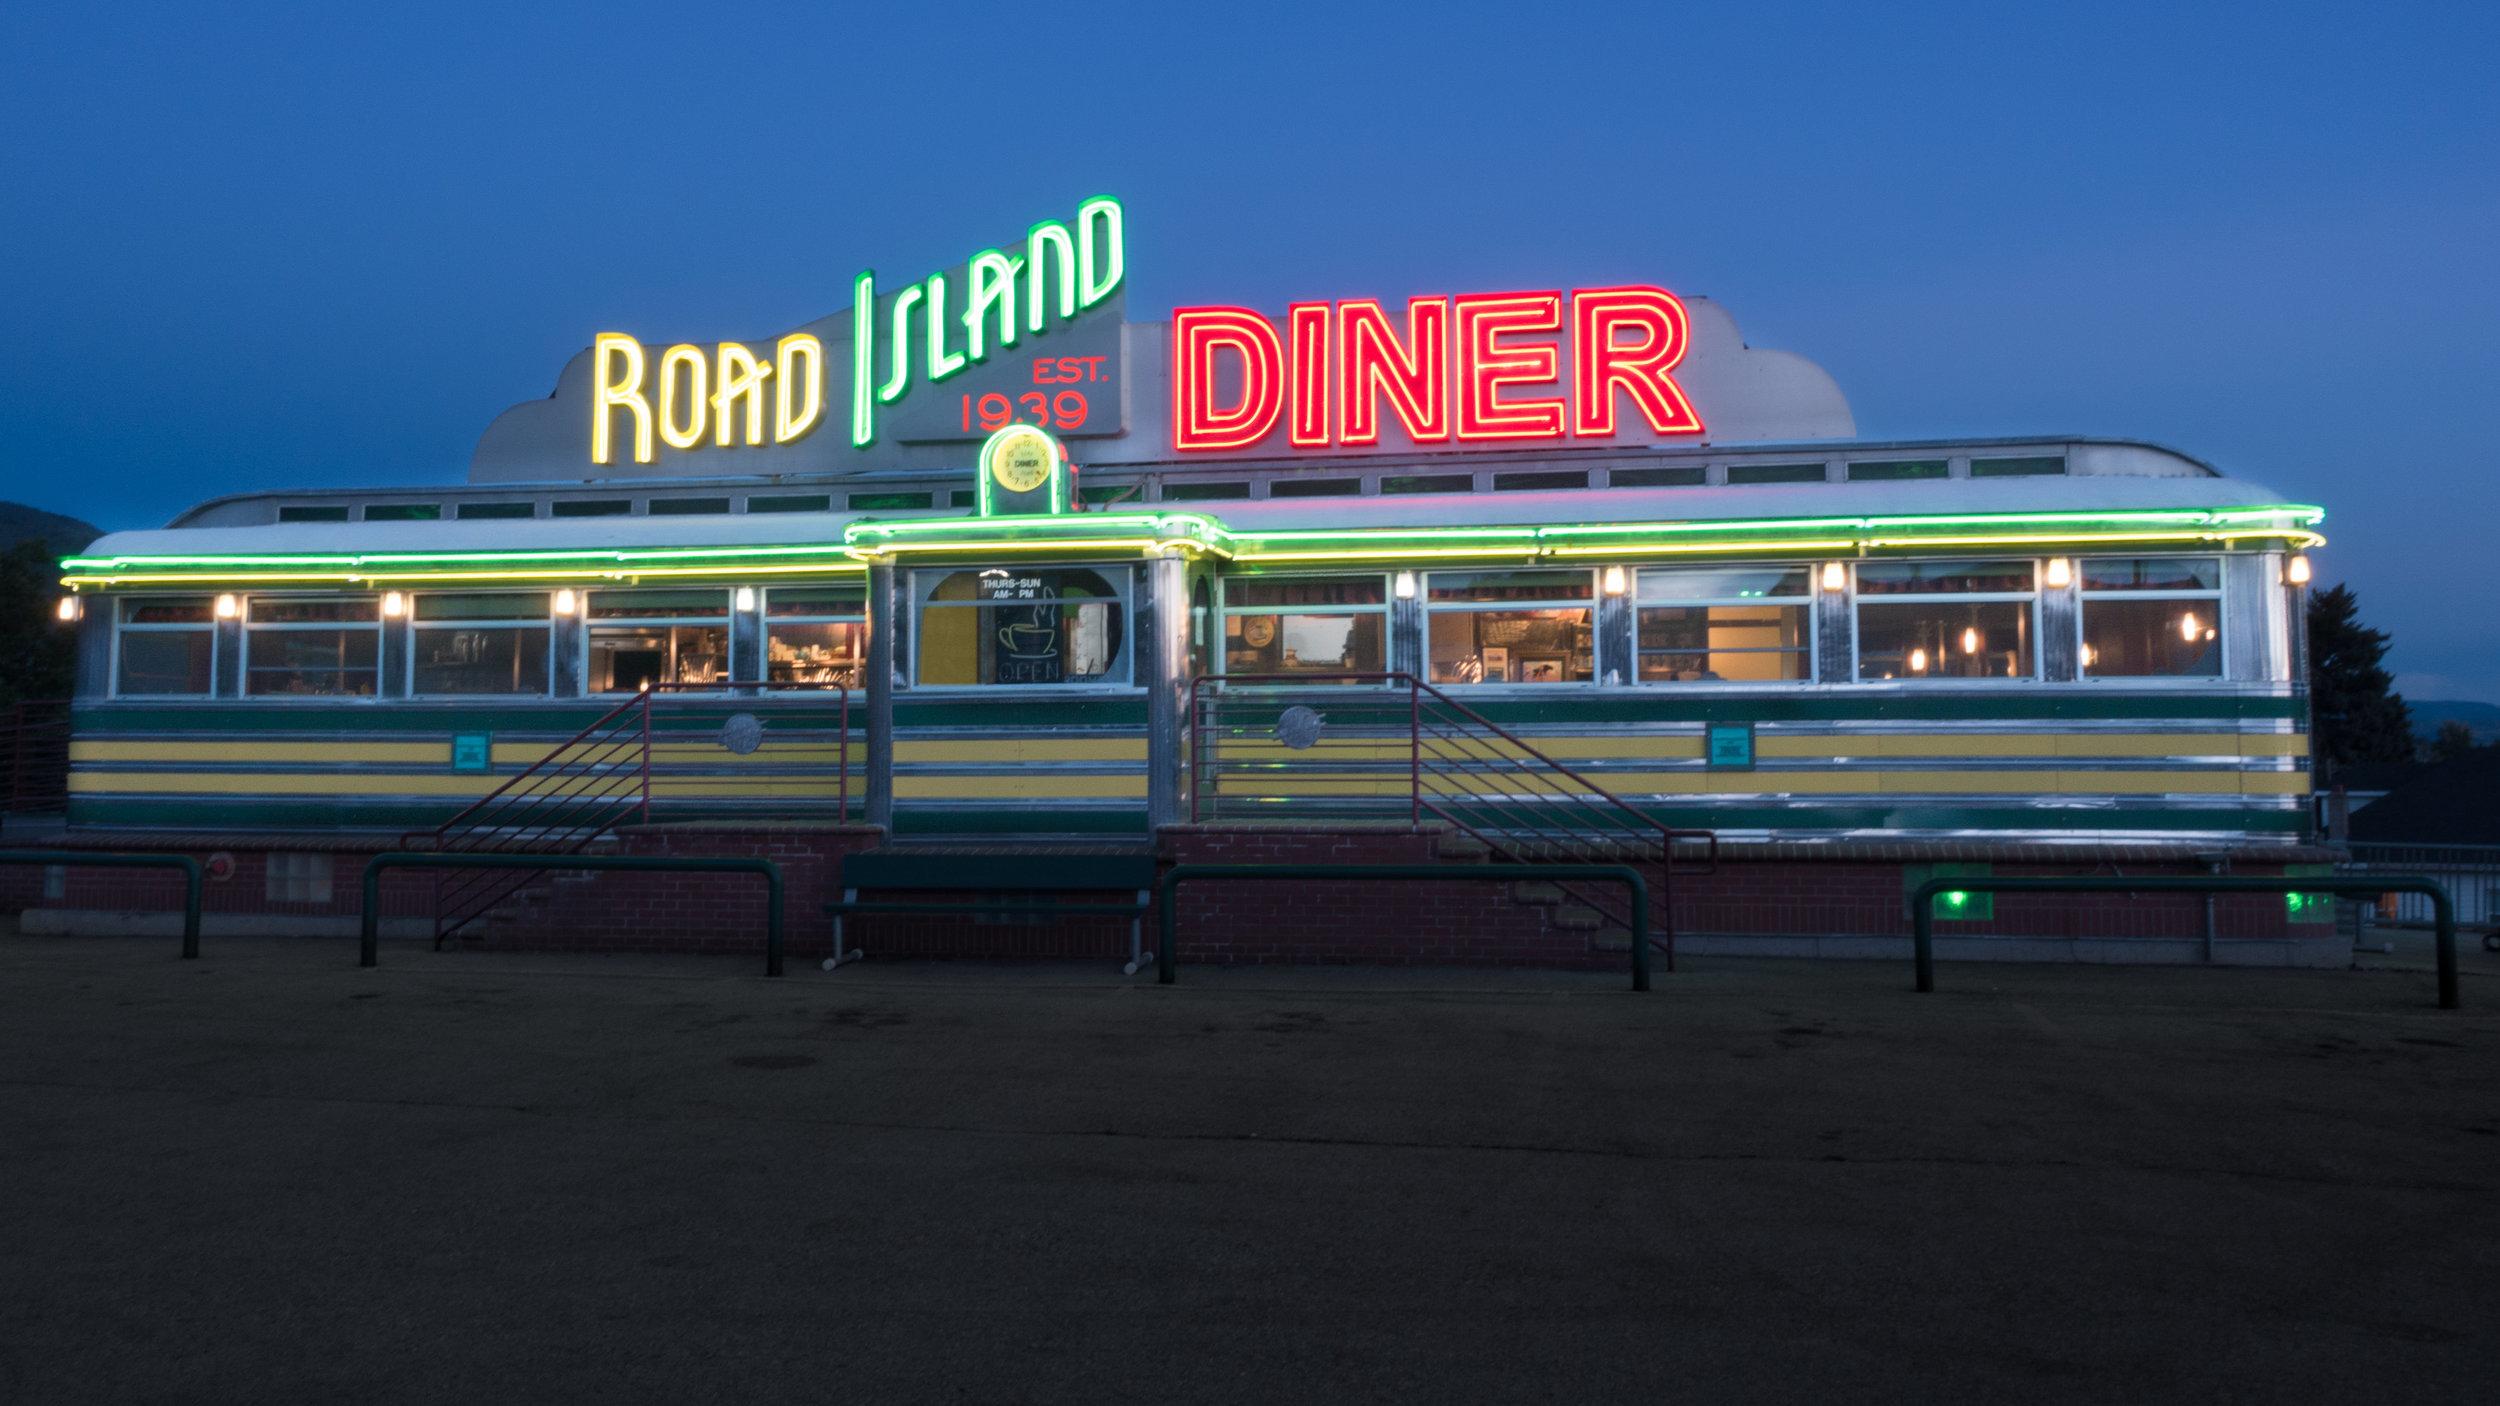 Road Island Diner.jpg